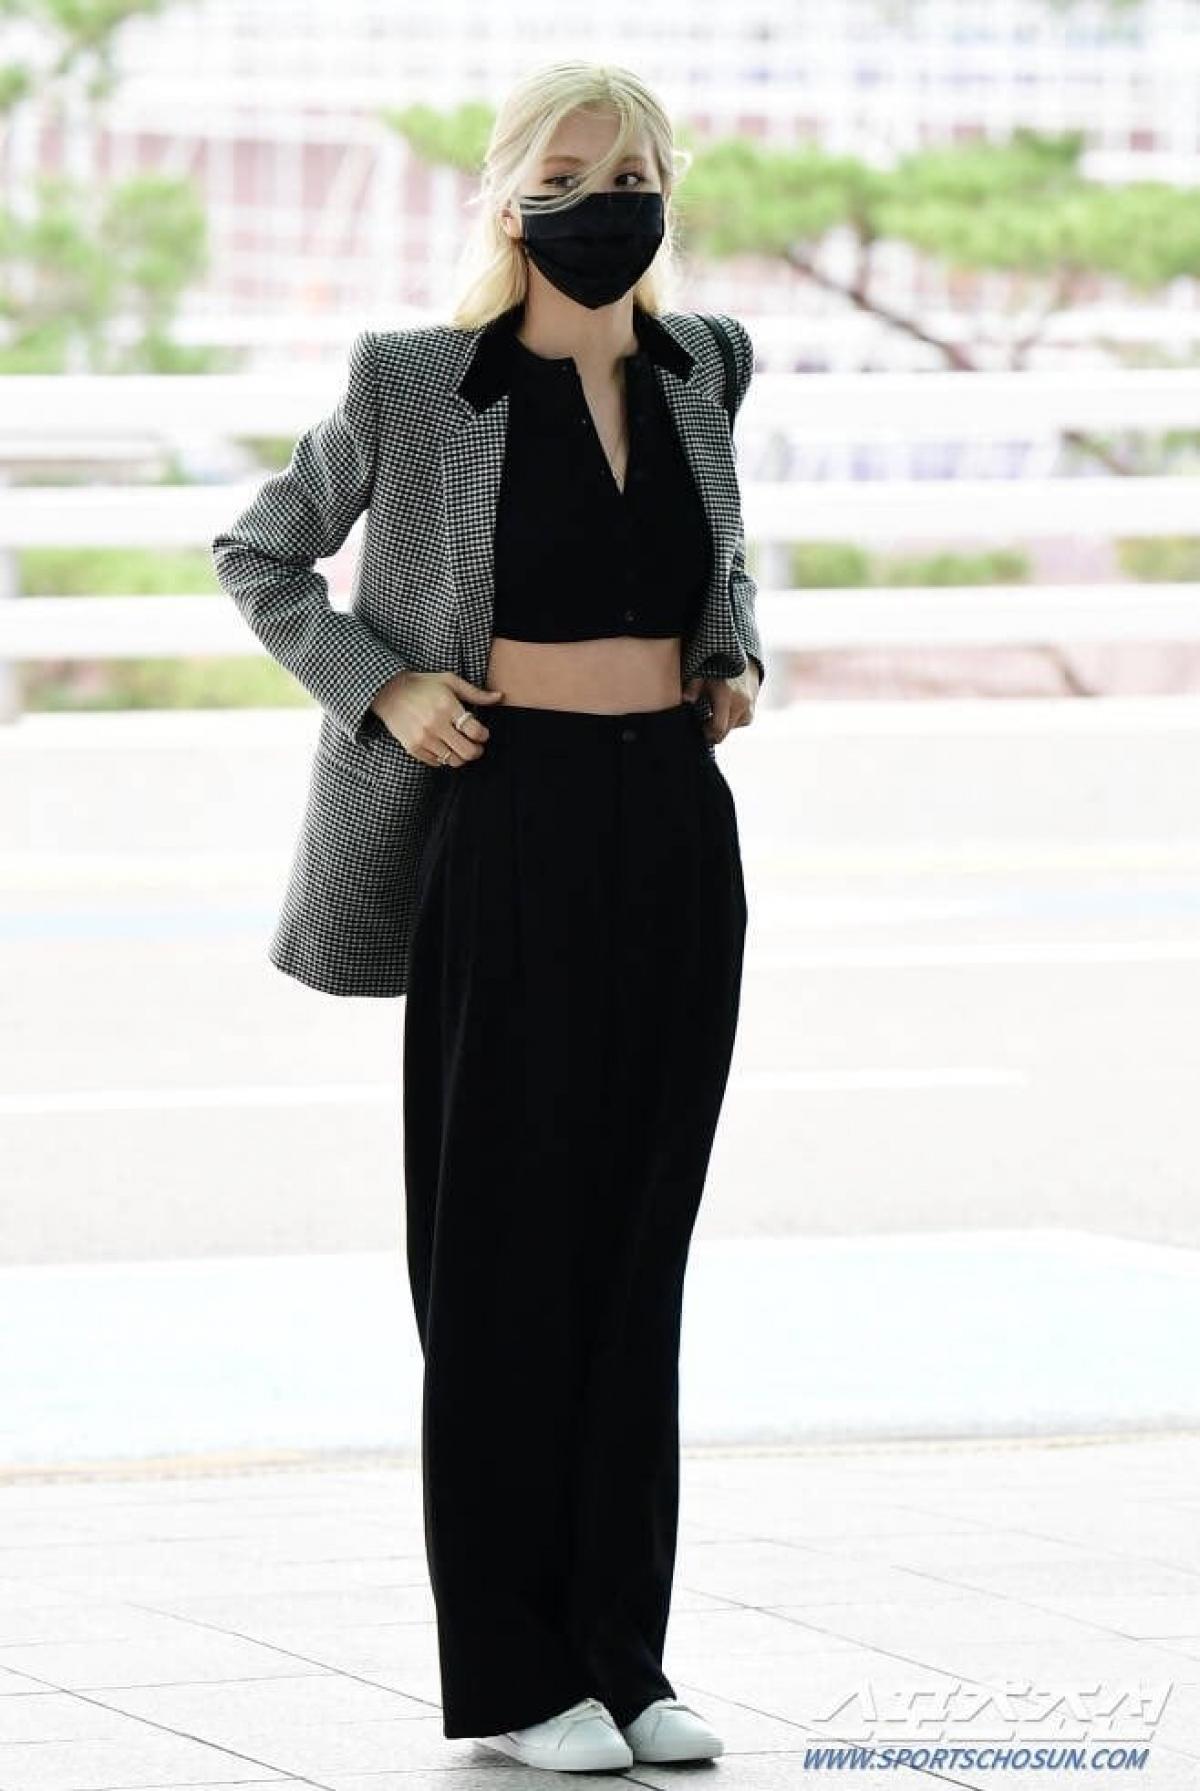 Còn Rosé sẽ góp mặt trong show diễn của Saint Laurent với tư cách đại sứ thương hiệu. Gần đây, Rosé đã có mặt tại New York để tham dự Met Gala cùng giám đốc sáng tạo Anthony Vaccarello.